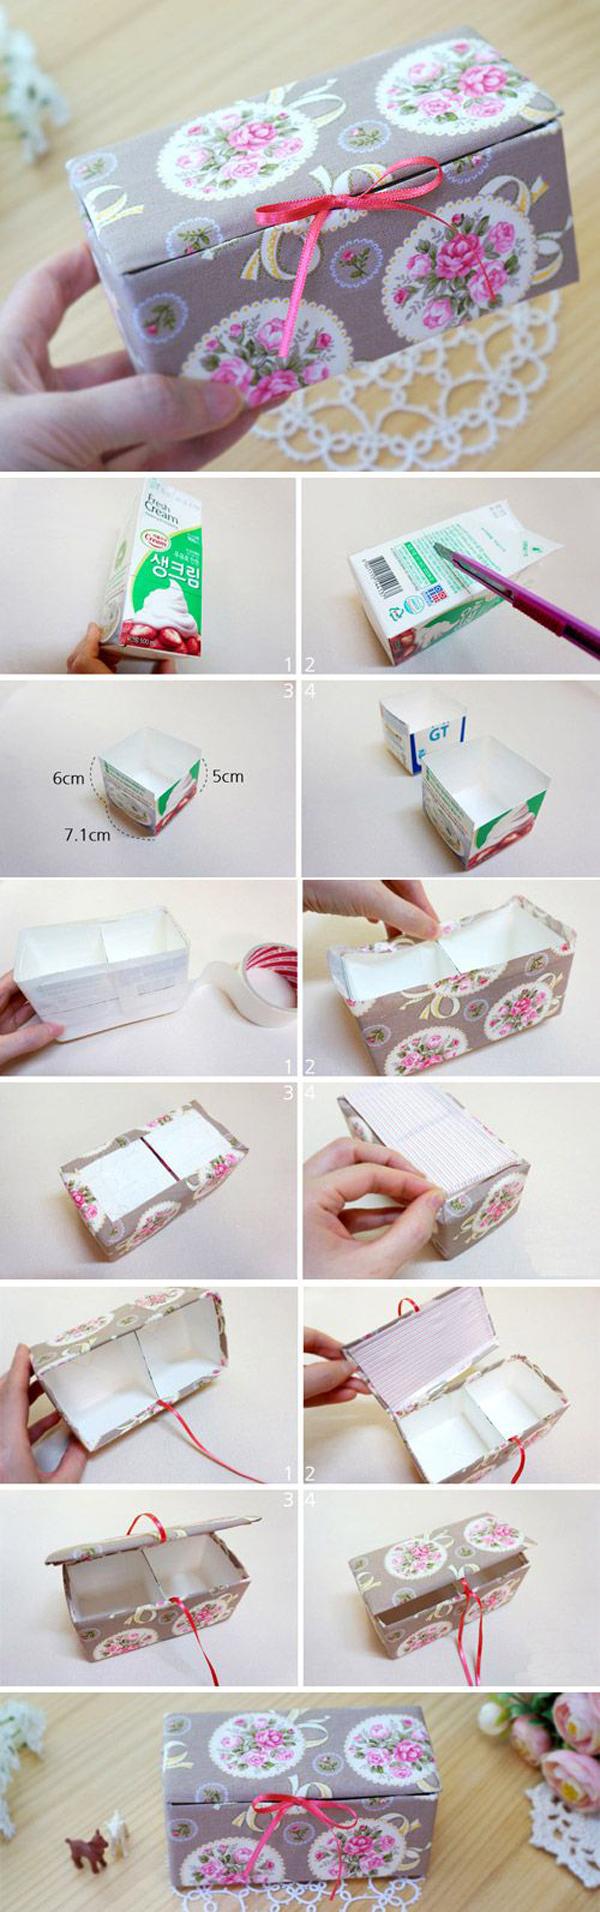 artesanato de caixa de leite caixas